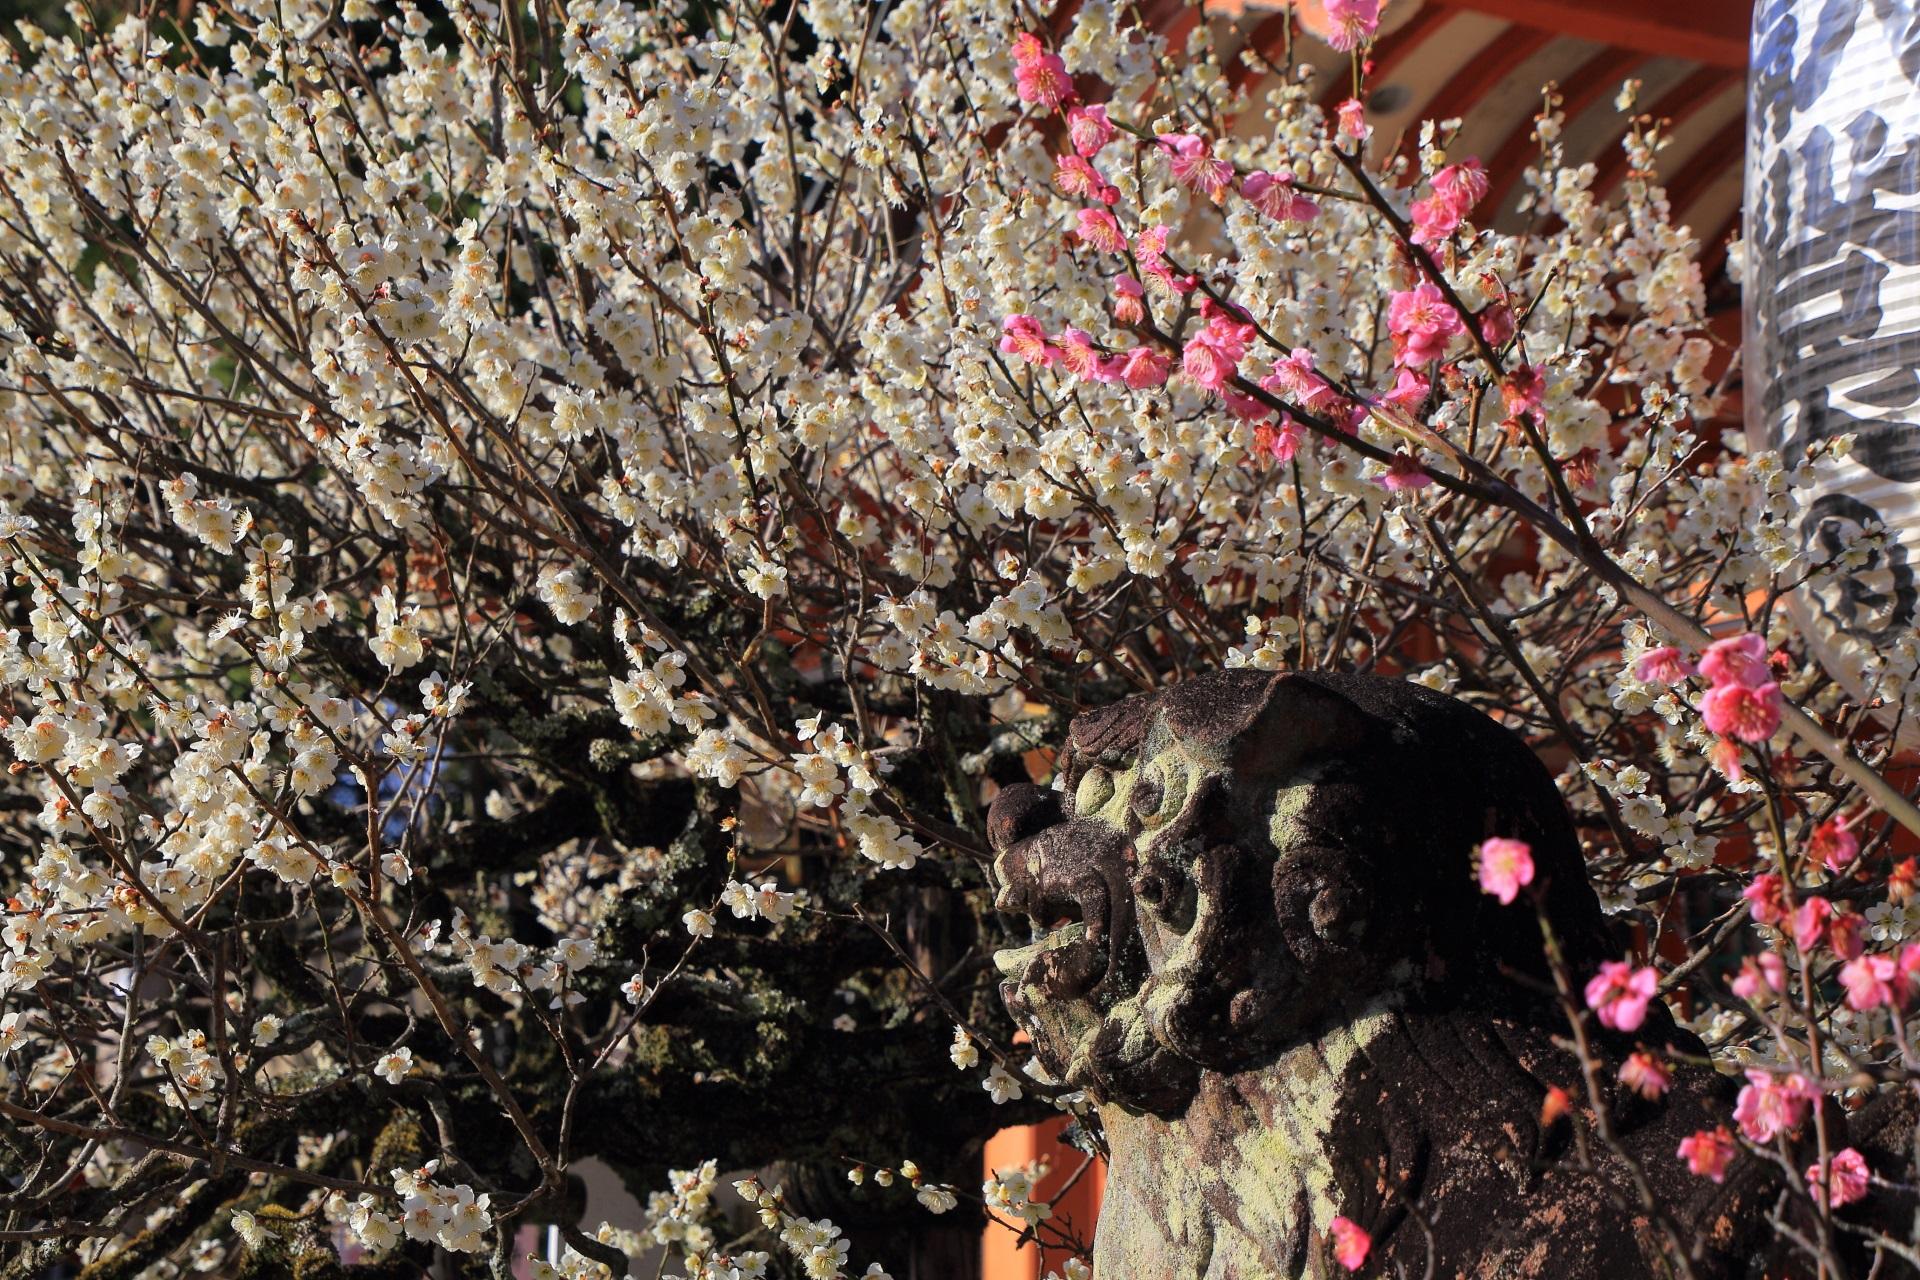 華やかな白い梅とピンクの梅につつまれる長岡天満宮の狛犬さん